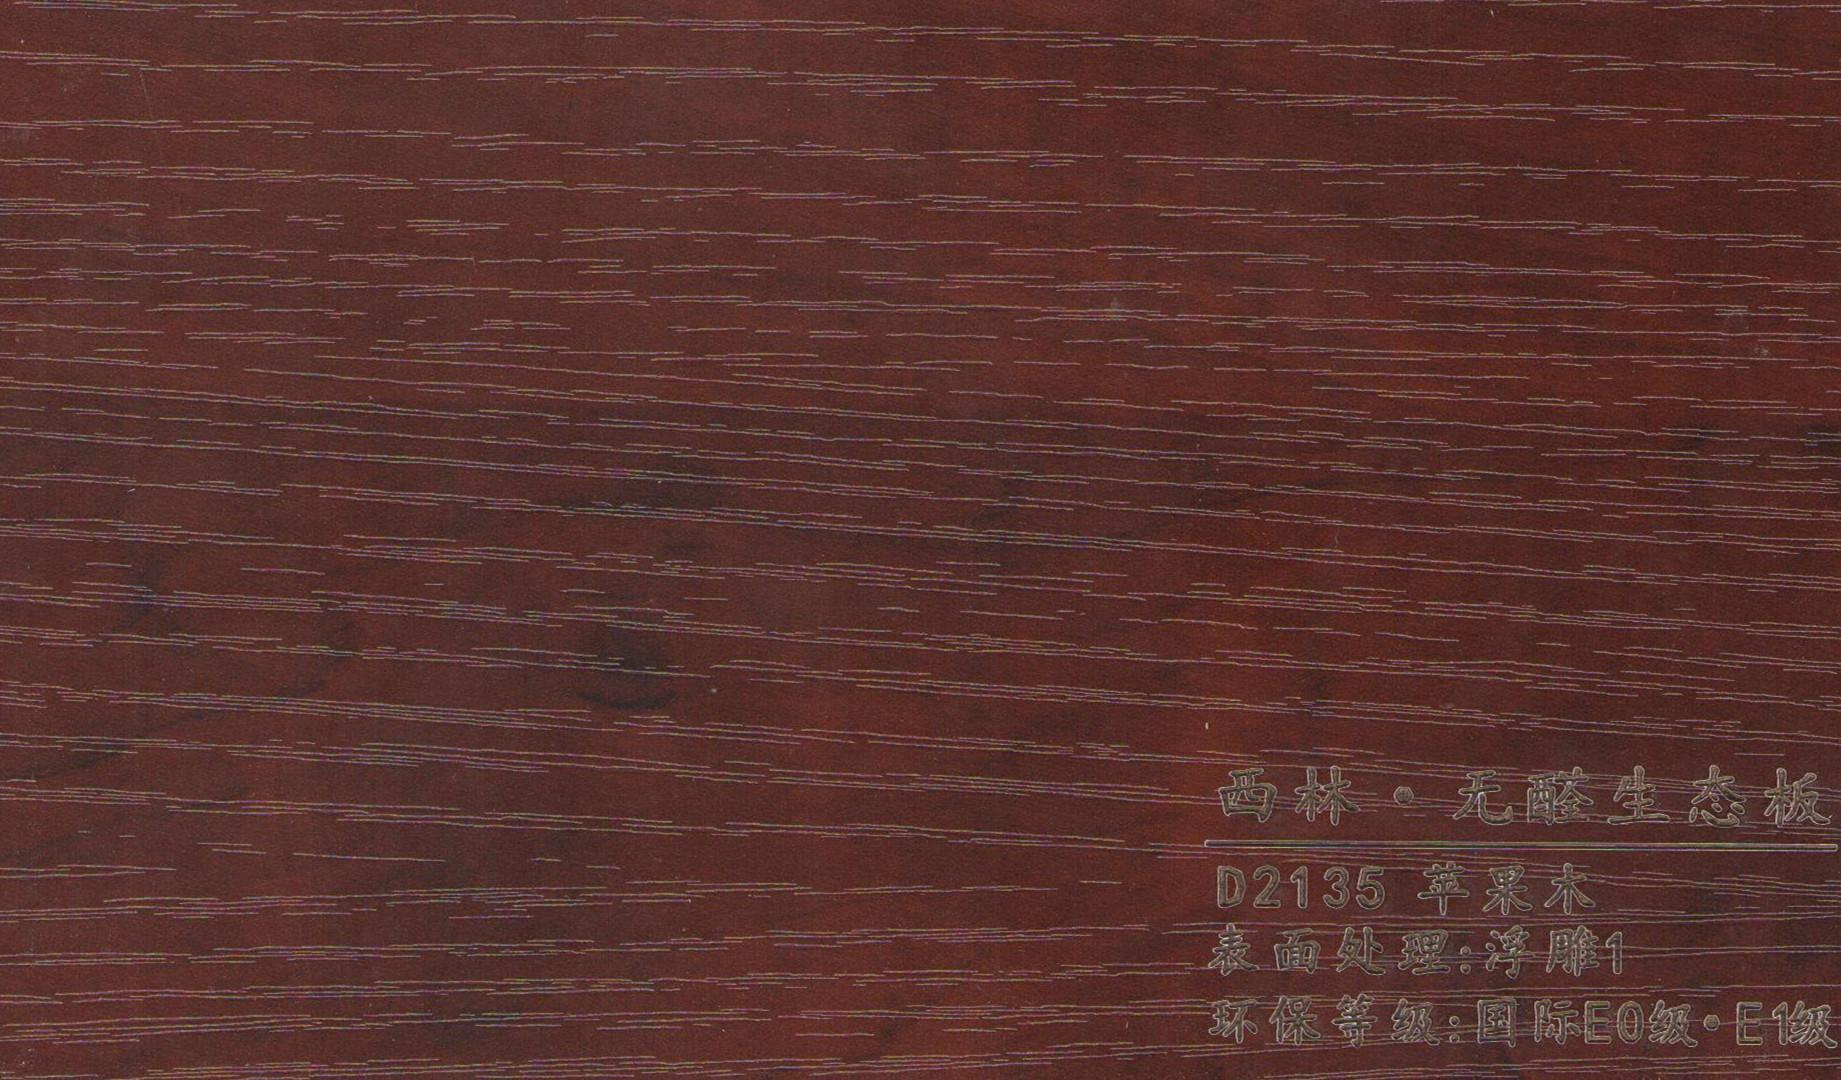 西林 D2135苹果木